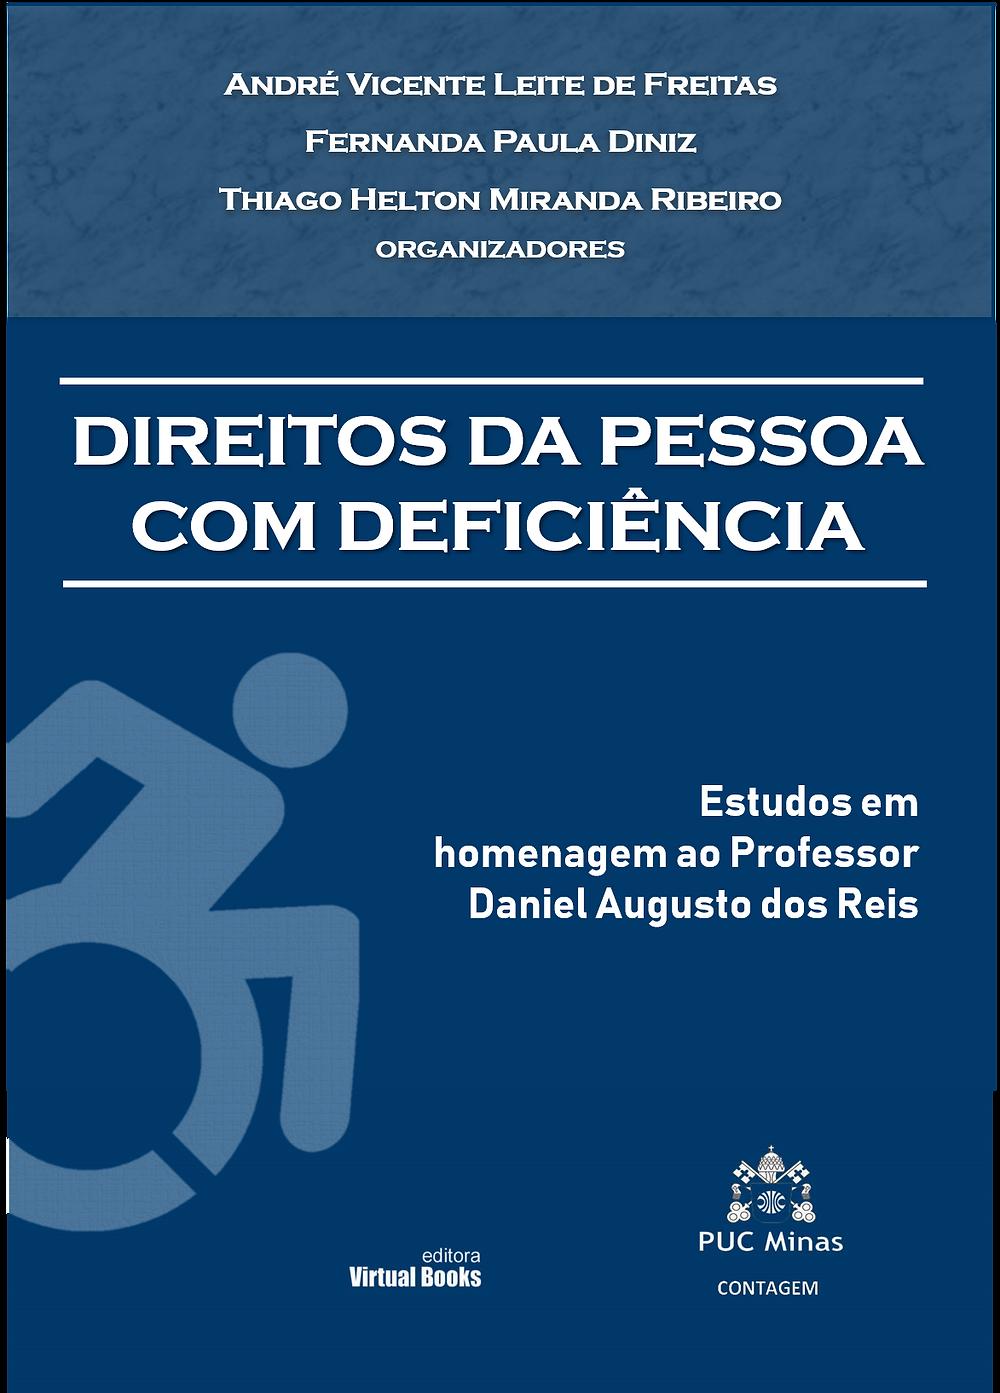 Imagem da capa do livro. Clique para download.